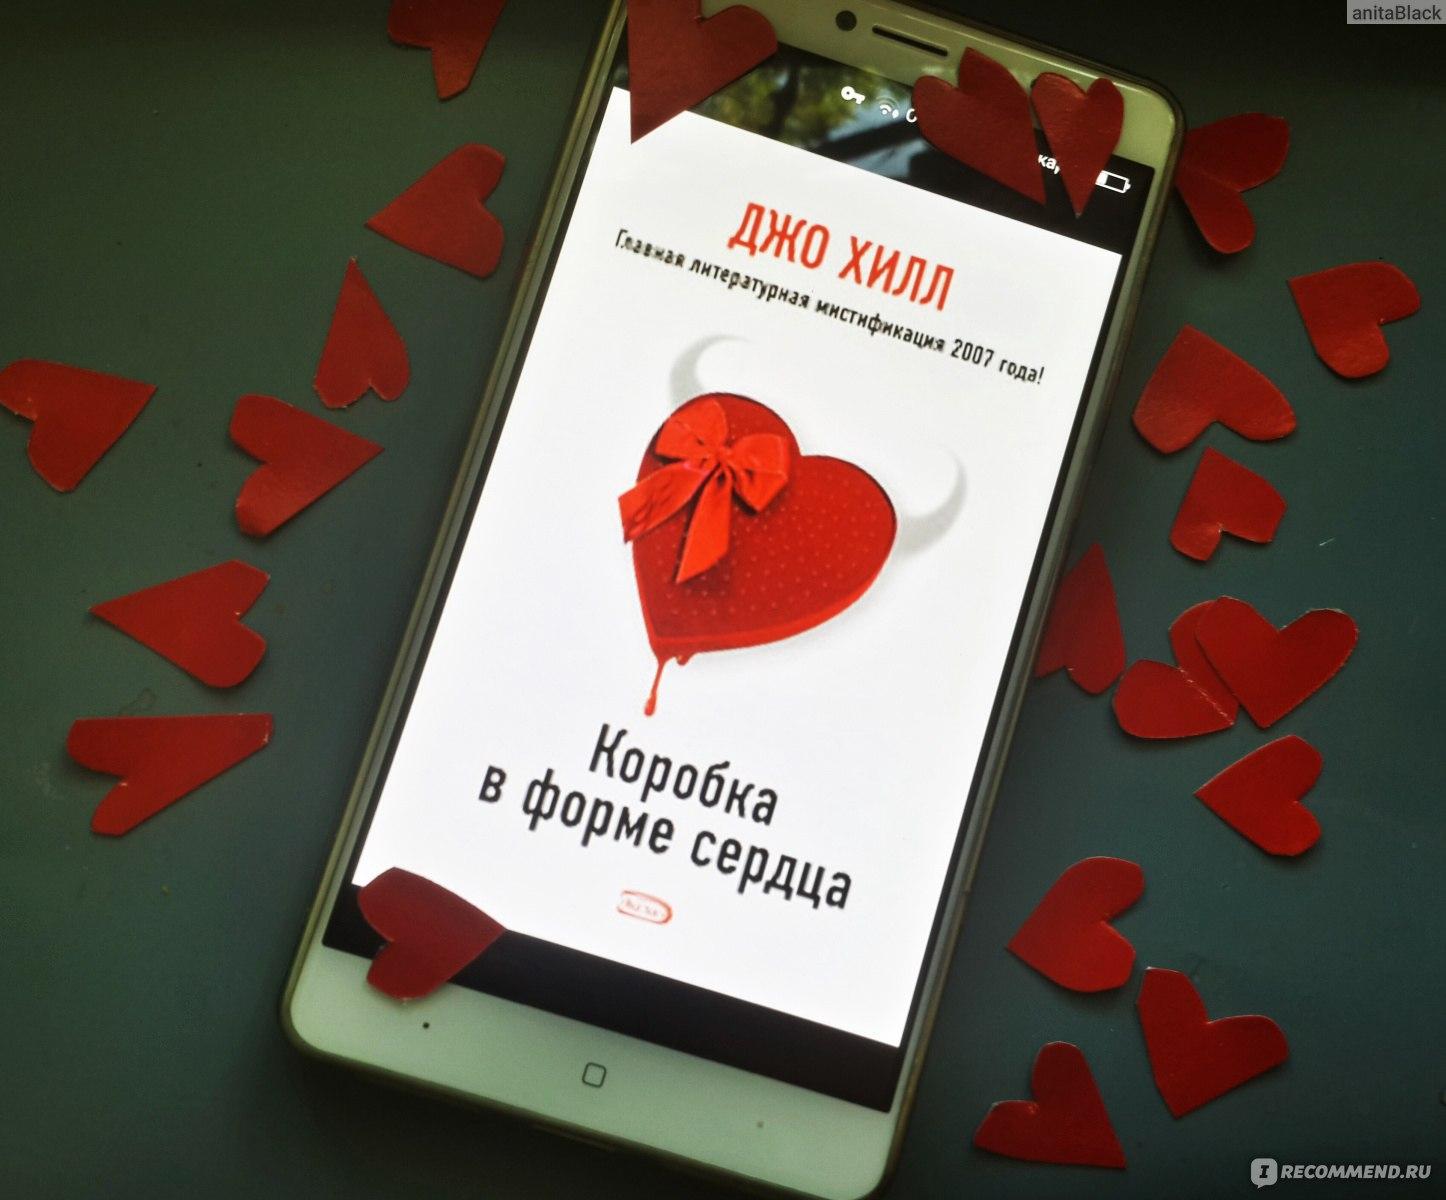 Читать коробка в форме сердца snaryaga. Info.